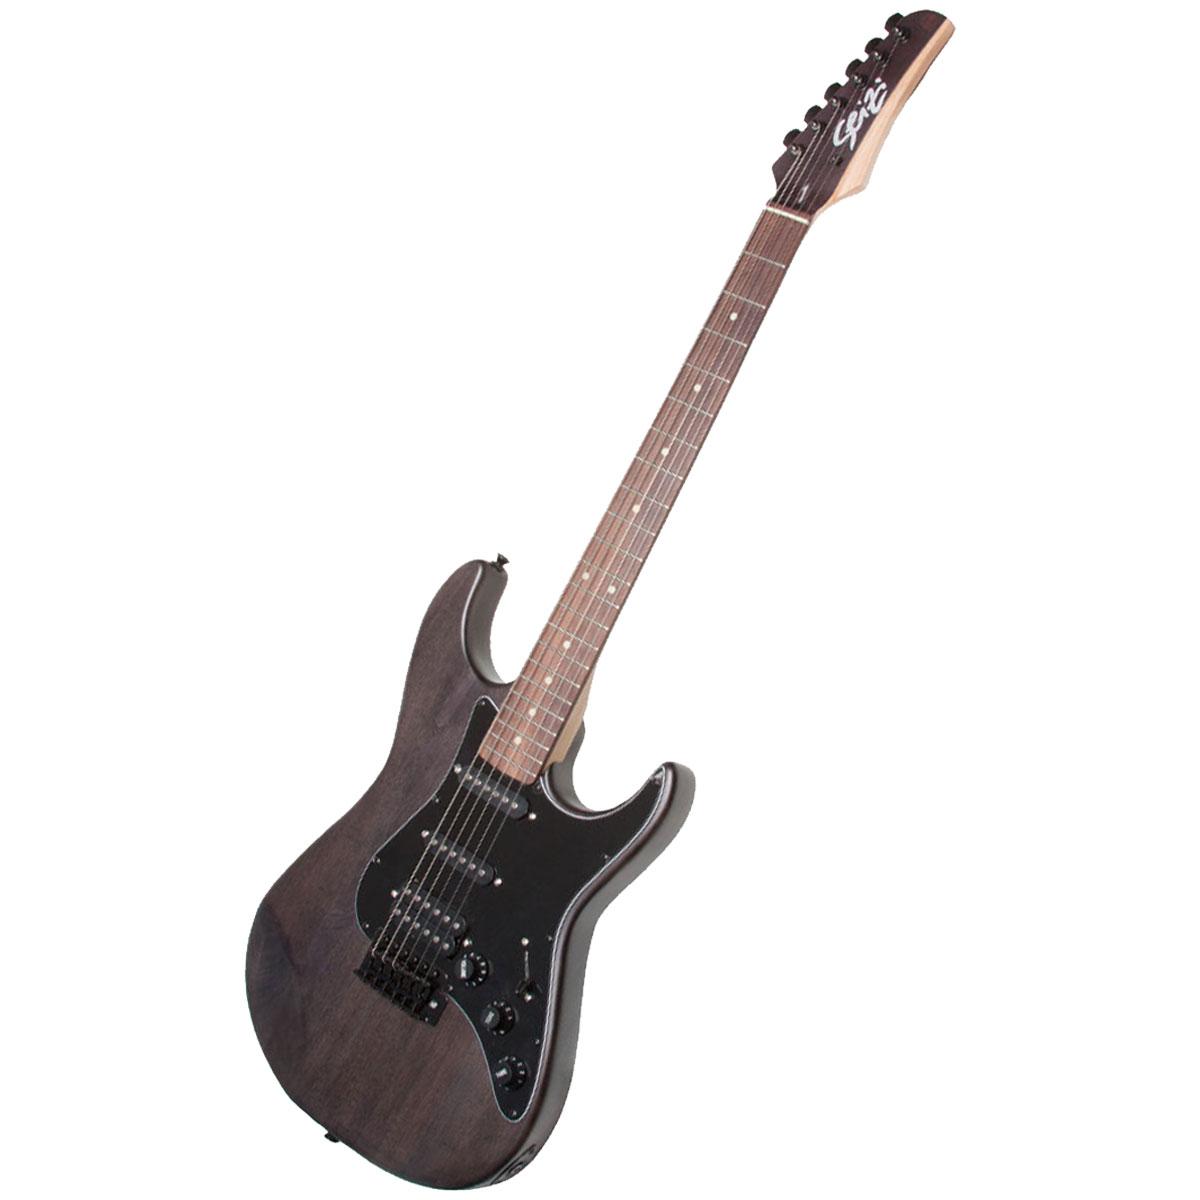 Guitarra Stone RW Satin Black c/ Escudo Preto - Seizi